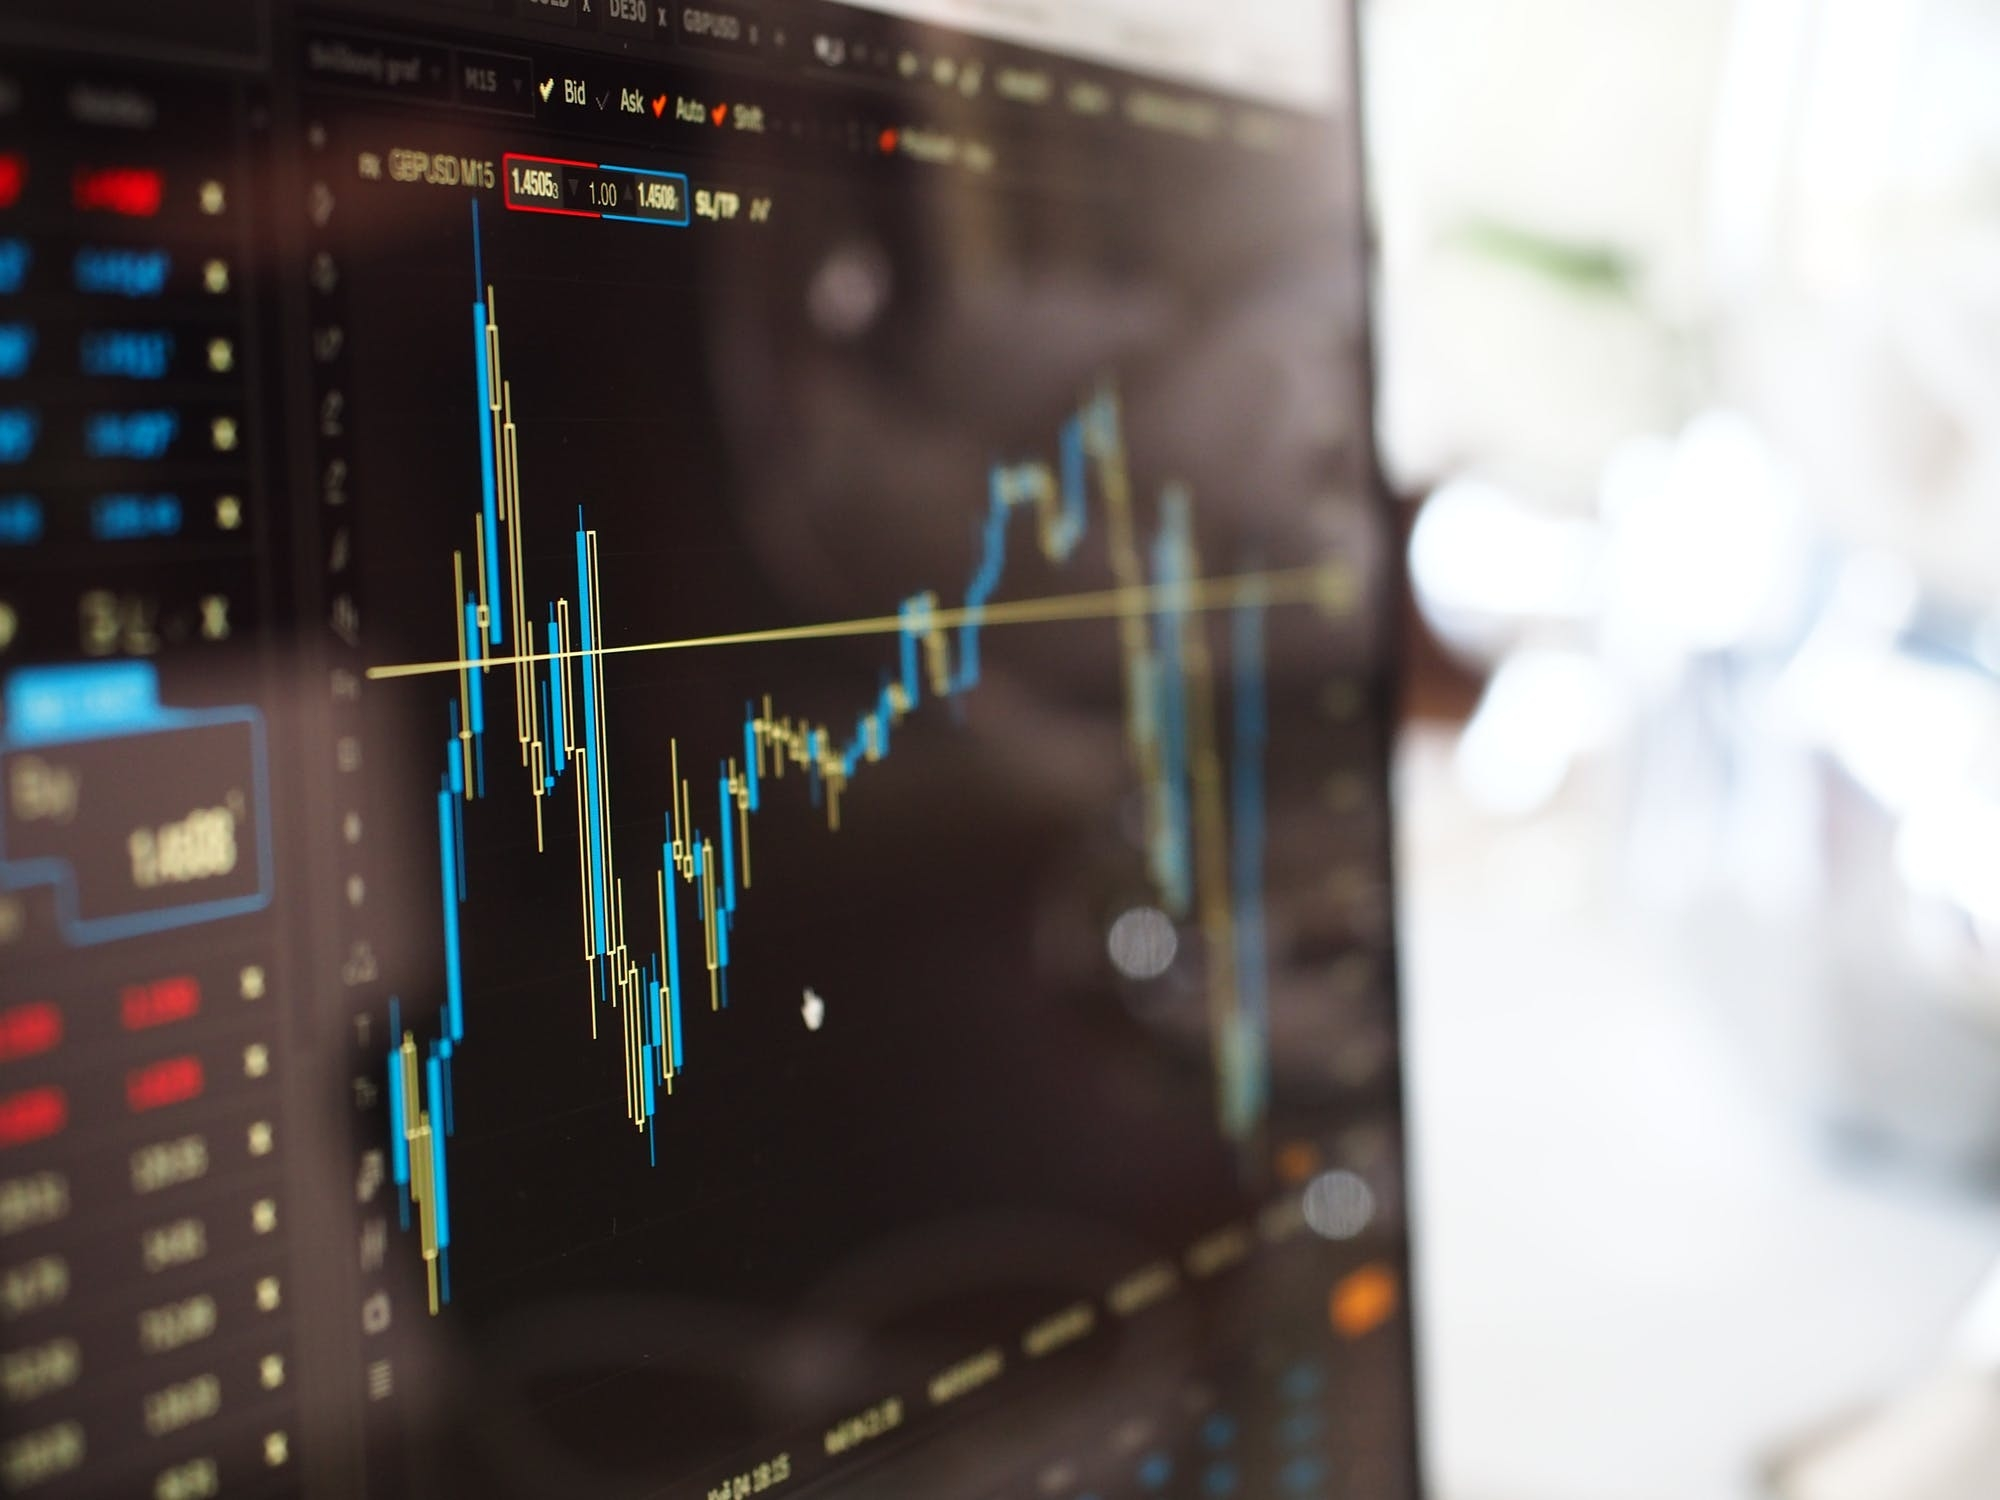 Rajd obligacji rynków wschodzących